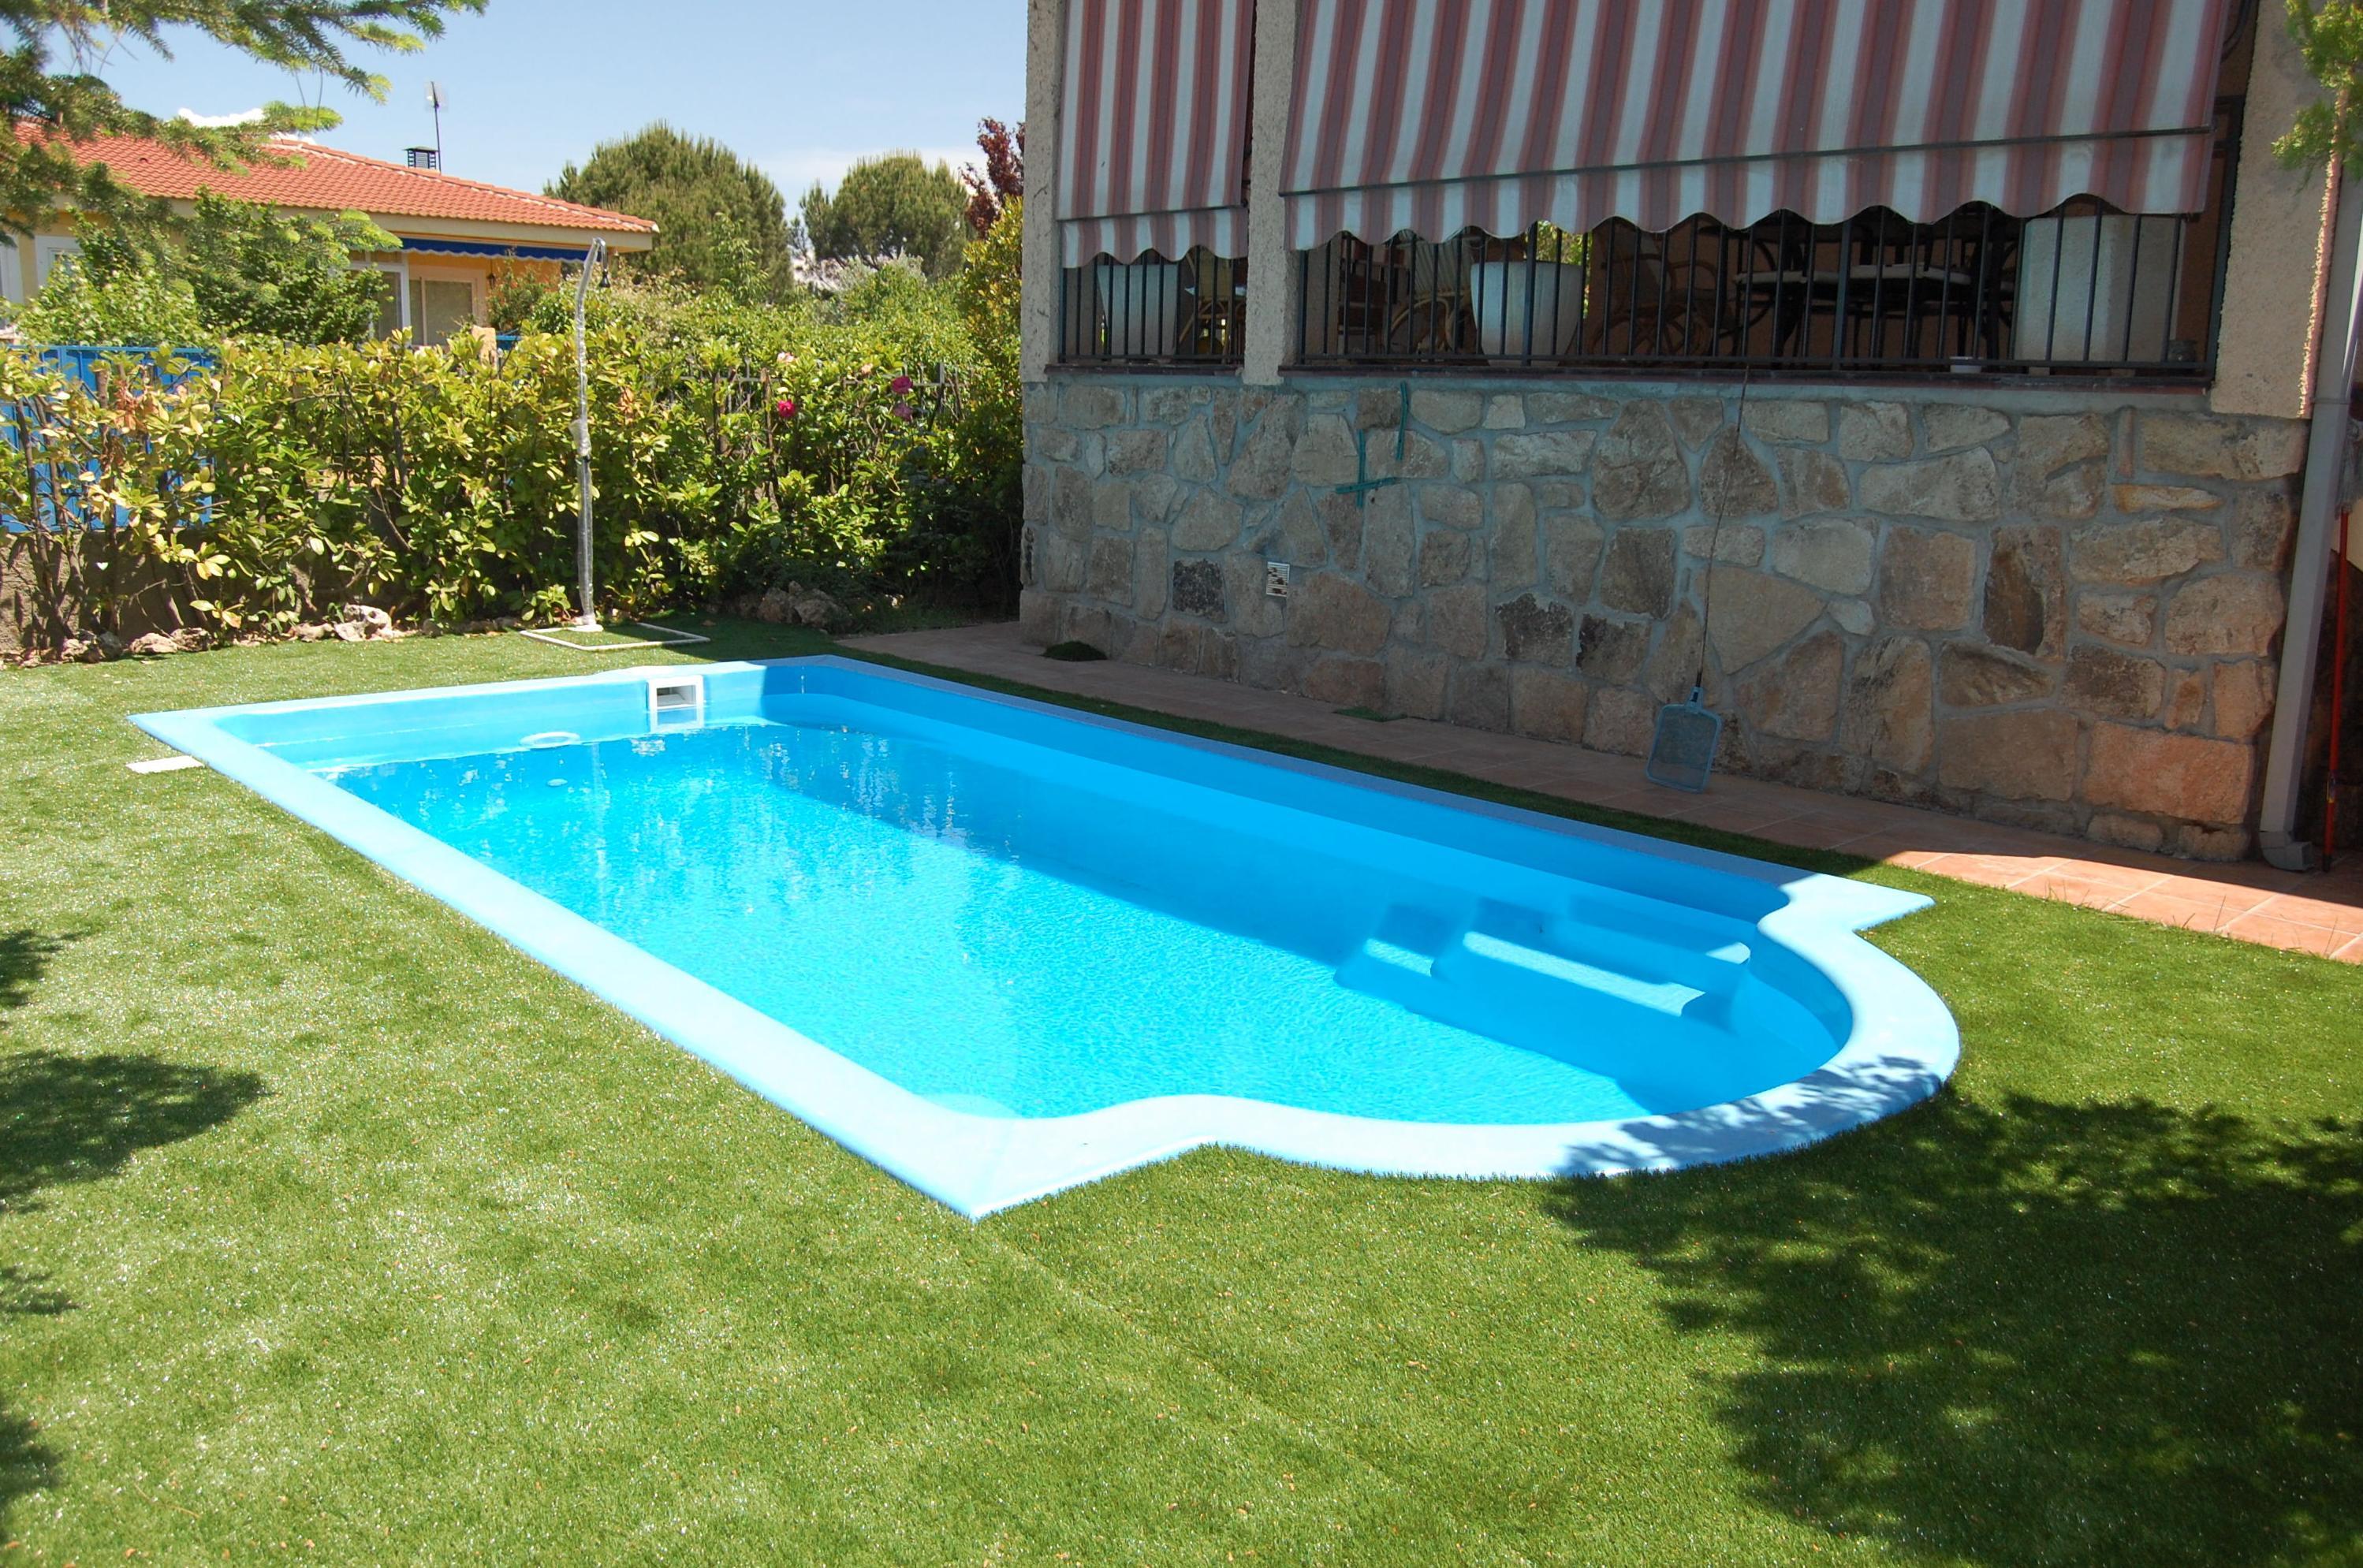 foto 48 de piscinas (instalación y mantenimiento) en san sebastián